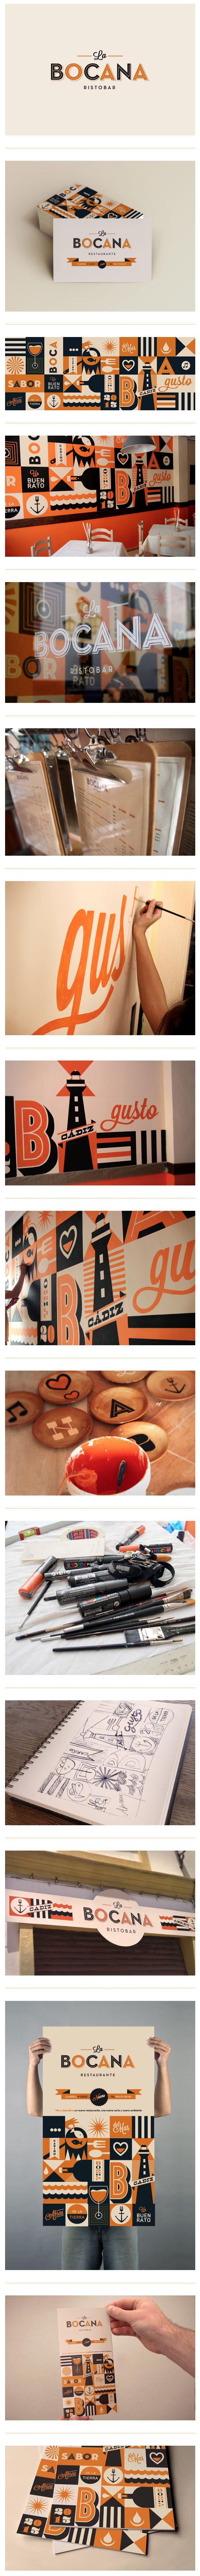 Identidad gráfica desarrollada por el estudio español Raul Gomez para el restaurante La Bocana.